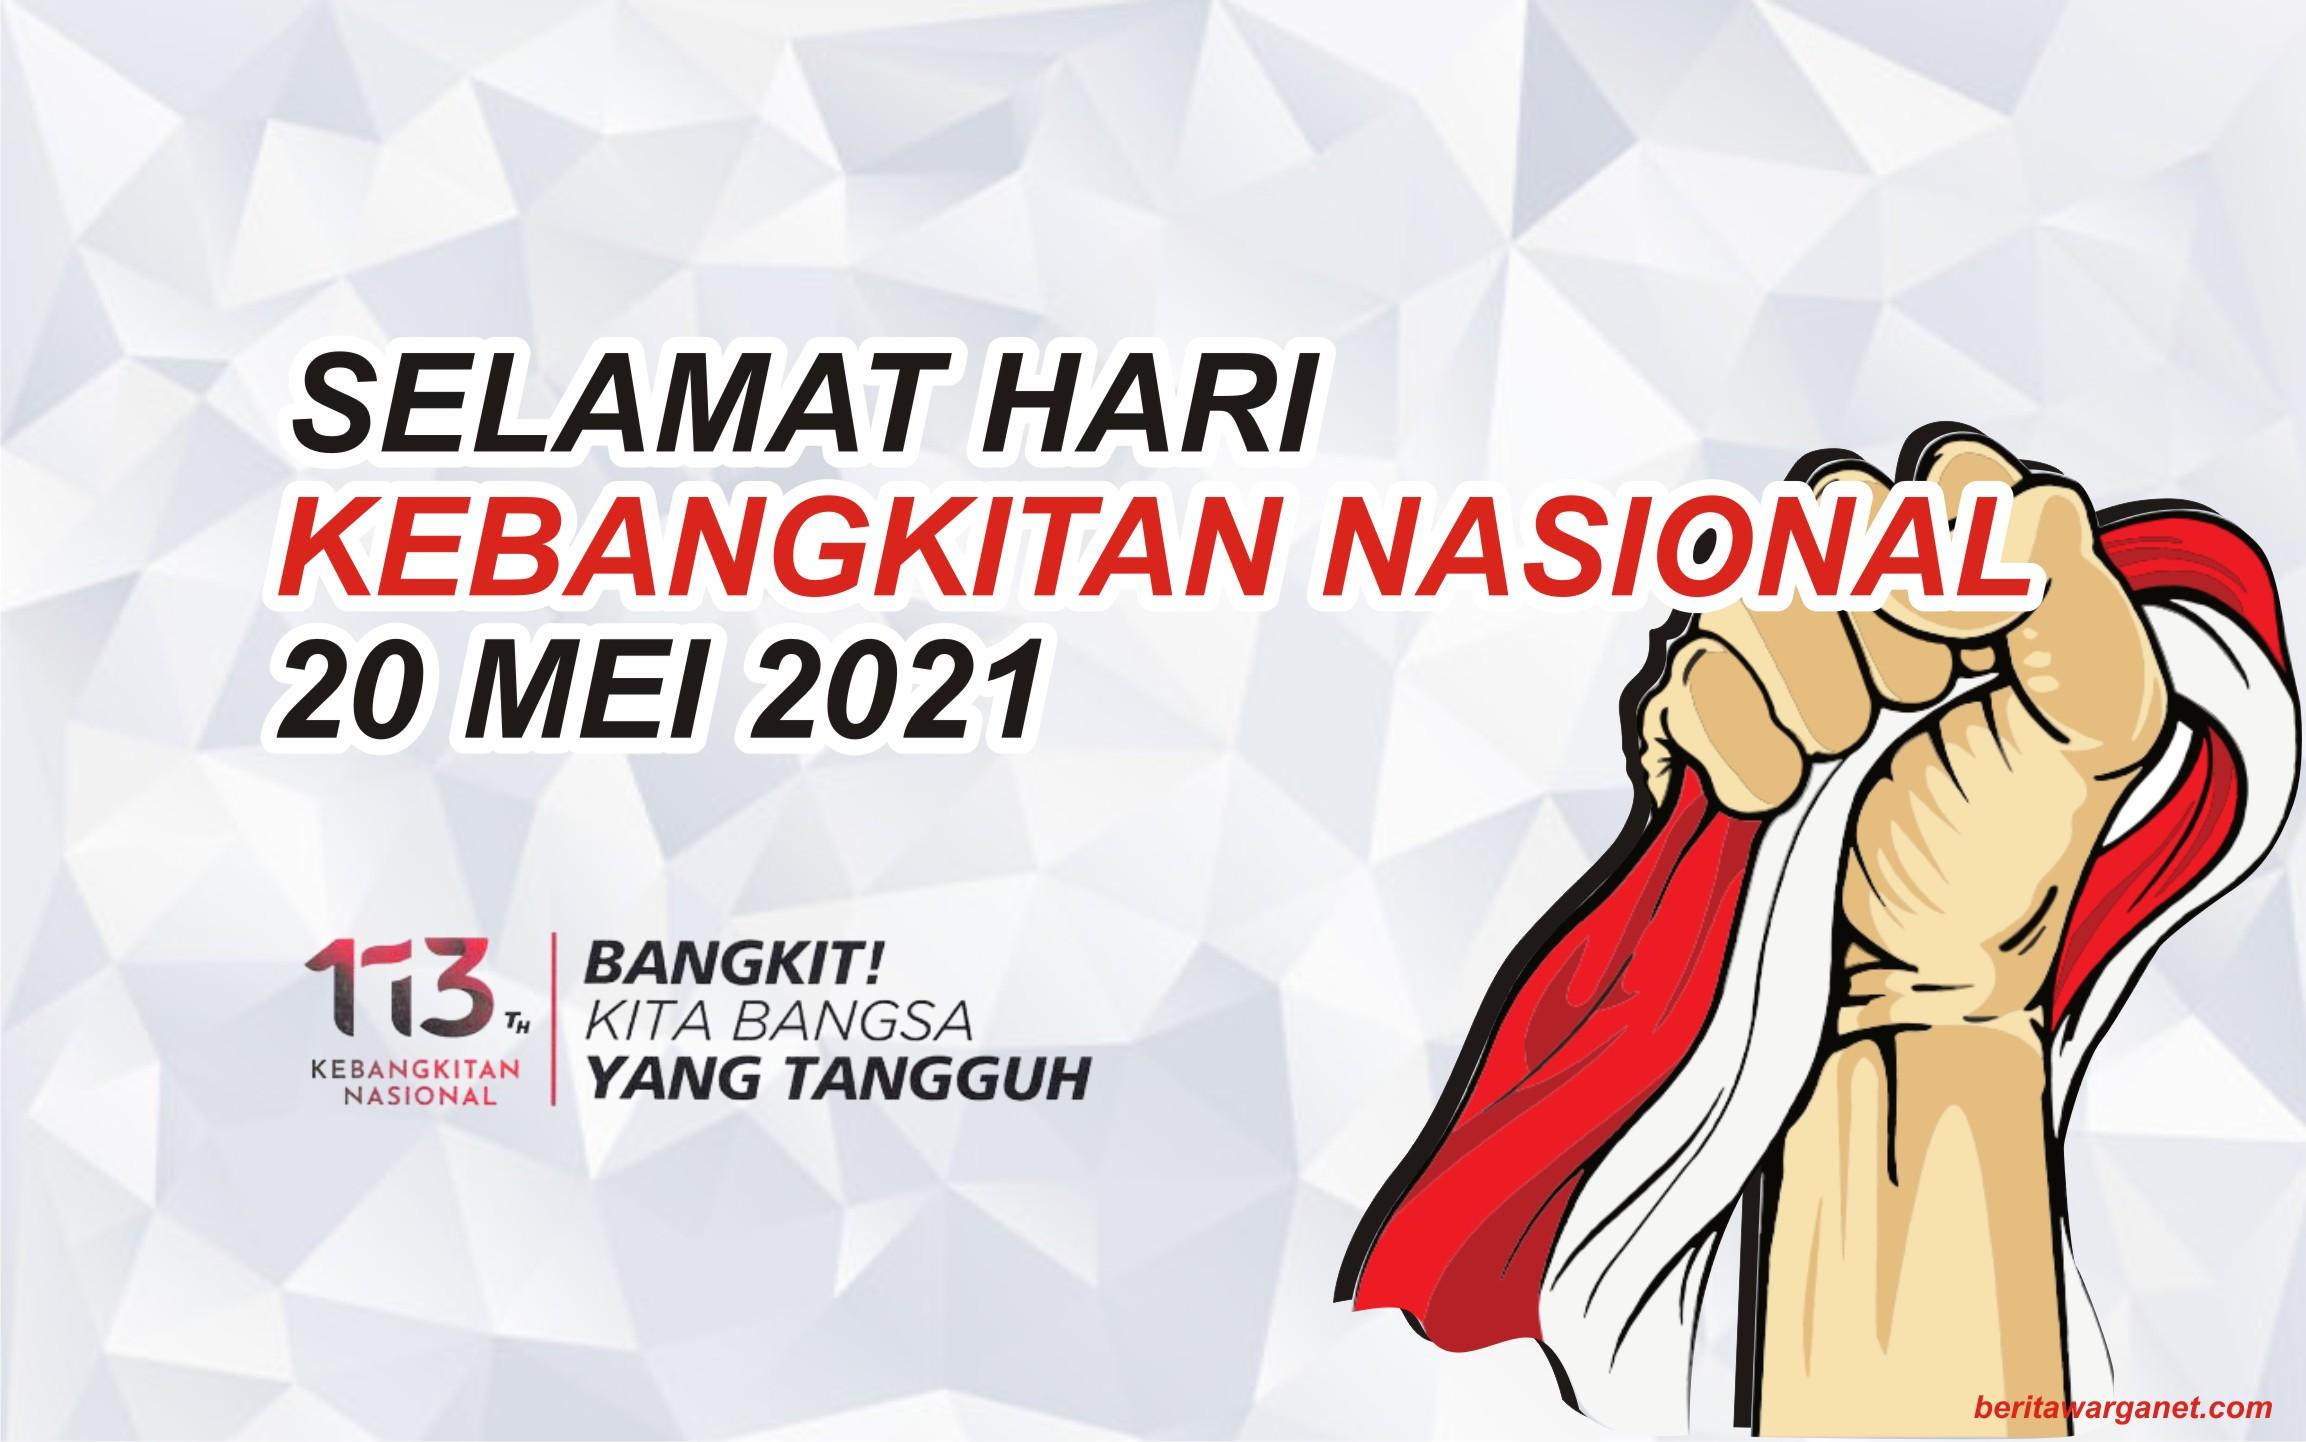 Gambar Tema Hari Kebangkitan Nasional 2021